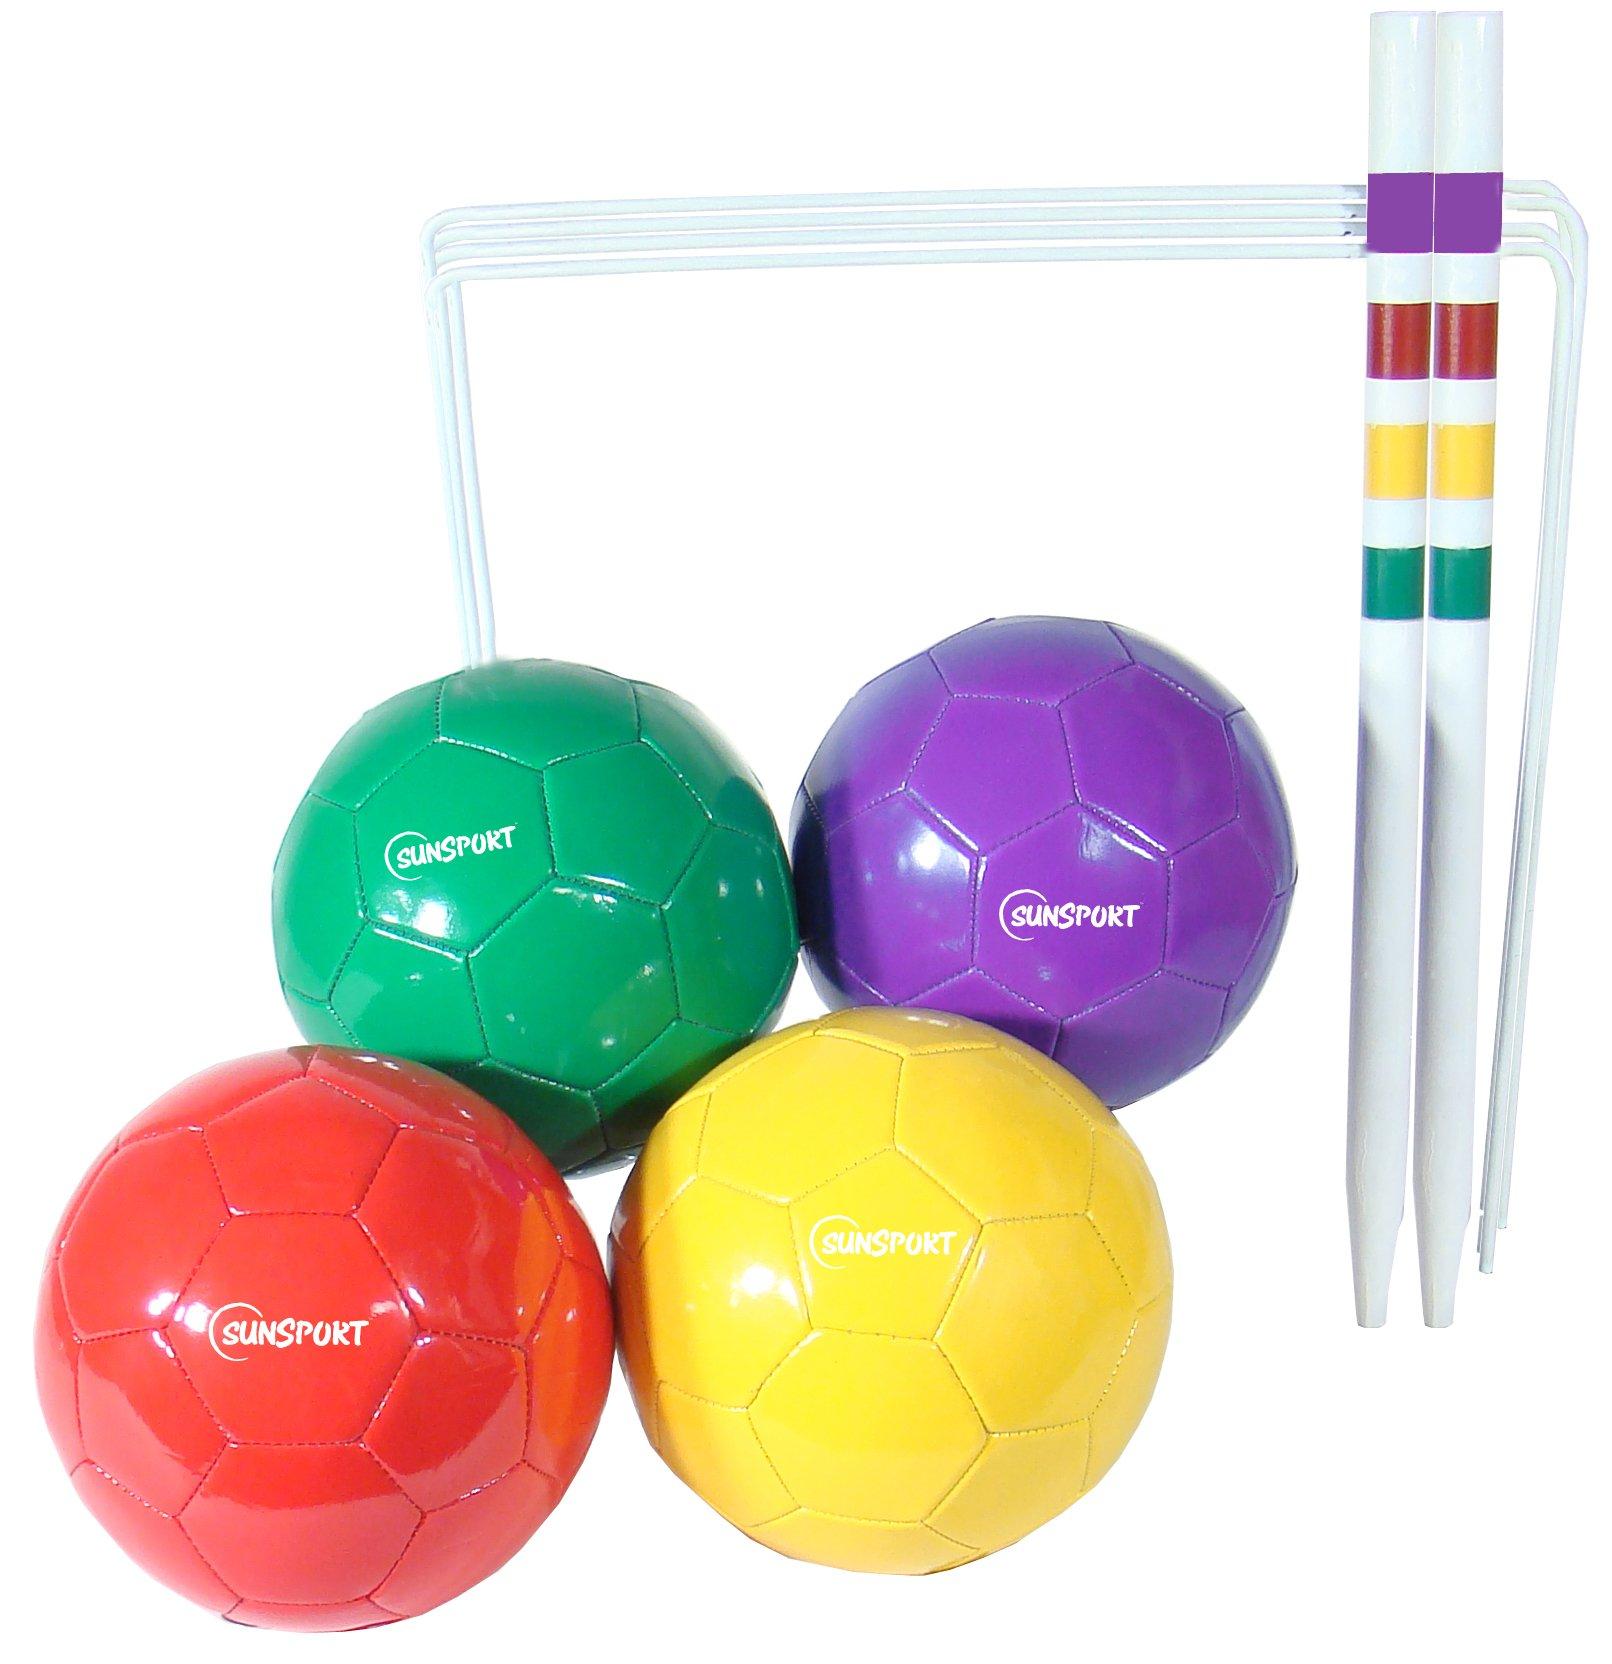 Bex deportes fútbol Croquet Set w/4 bolas 2 objetivo Sticks 10 críquet bolsa de almacenamiento: Amazon.es: Deportes y aire libre